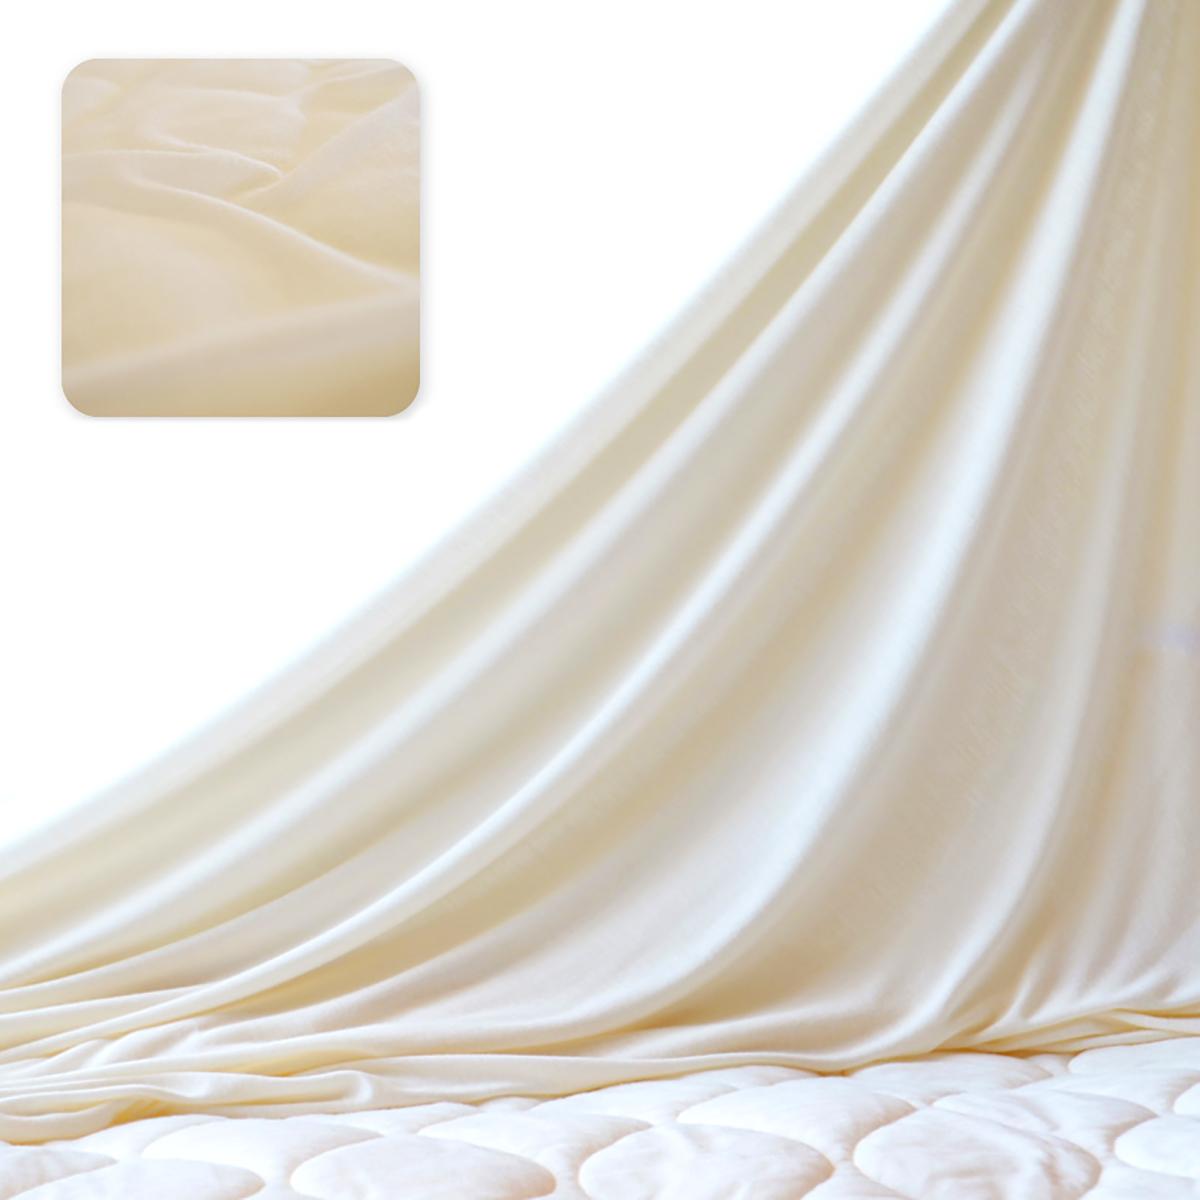 センベラ Luft(ルフト) ベッドシーツ (ダブルサイズ)【同梱可】【店頭受取対応商品】